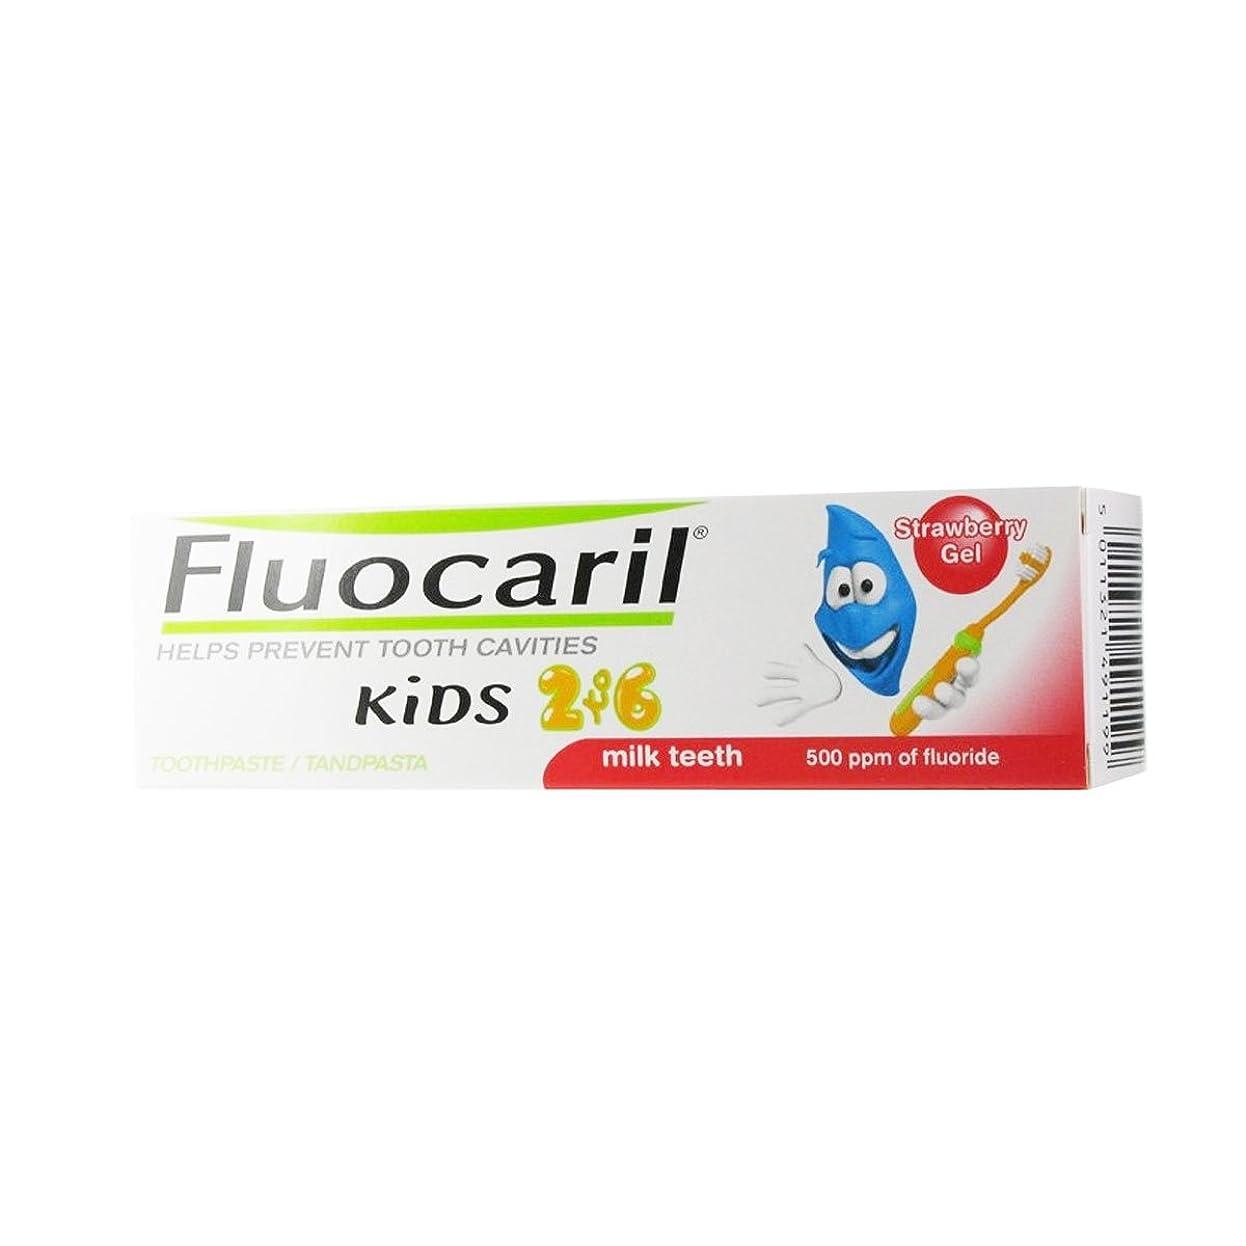 コントローラ憂慮すべき肺炎Fluocaril Kids 2 To 6 Strawberry Gel 50ml [並行輸入品]